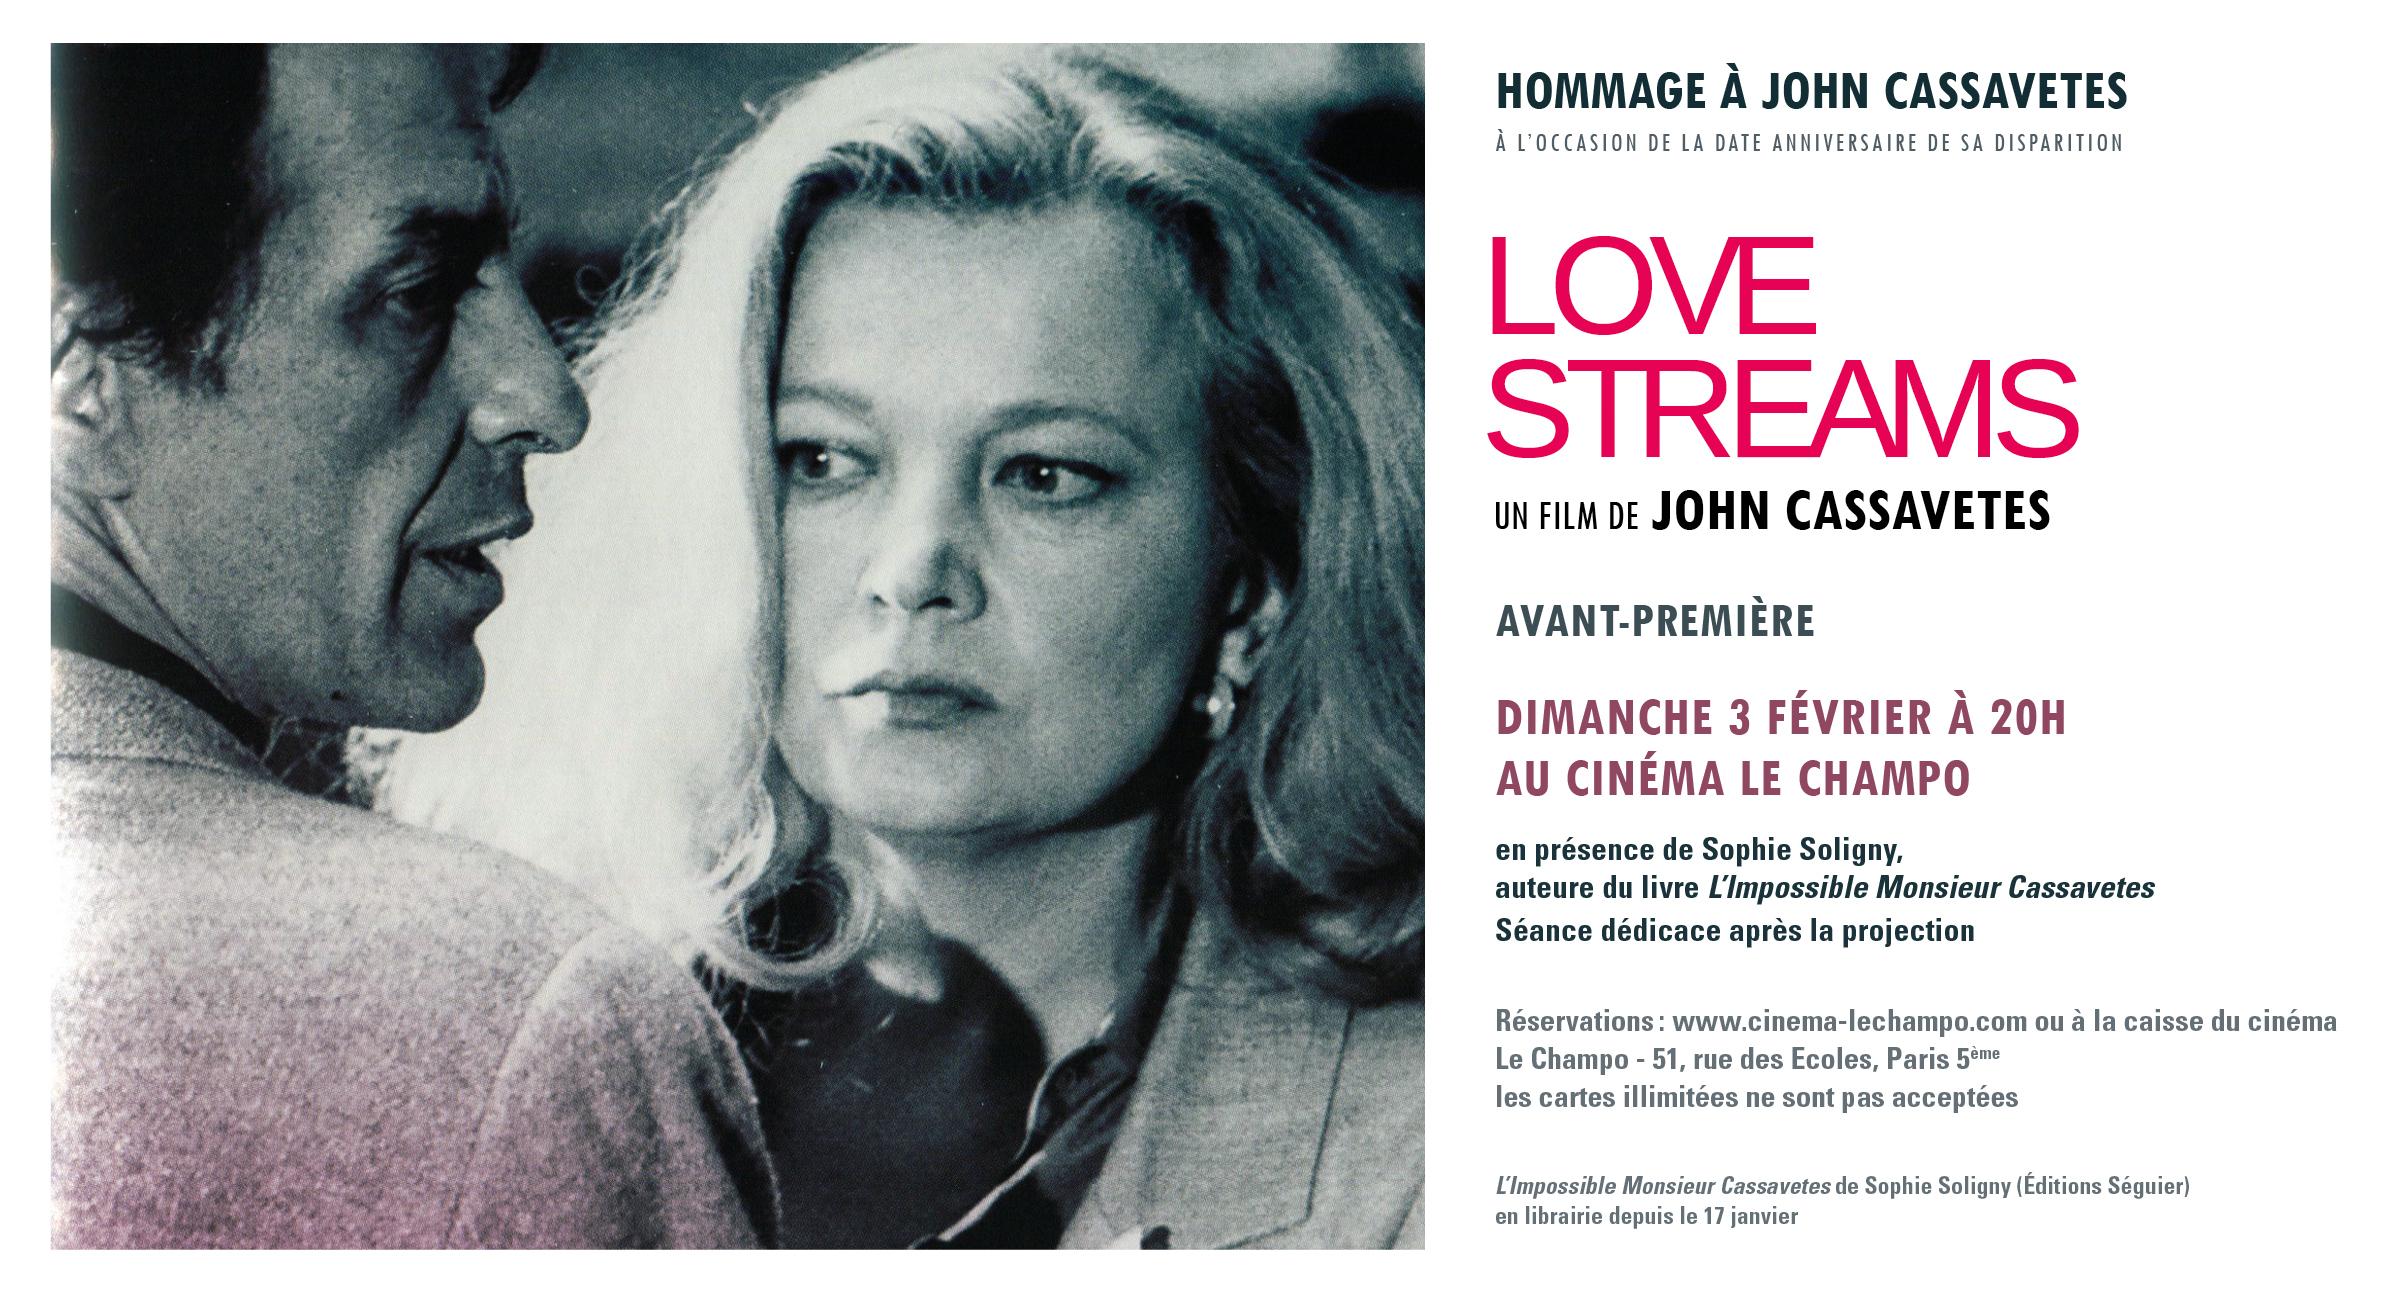 Sophie Soligny au Champo pour la ressortie de Love Streams